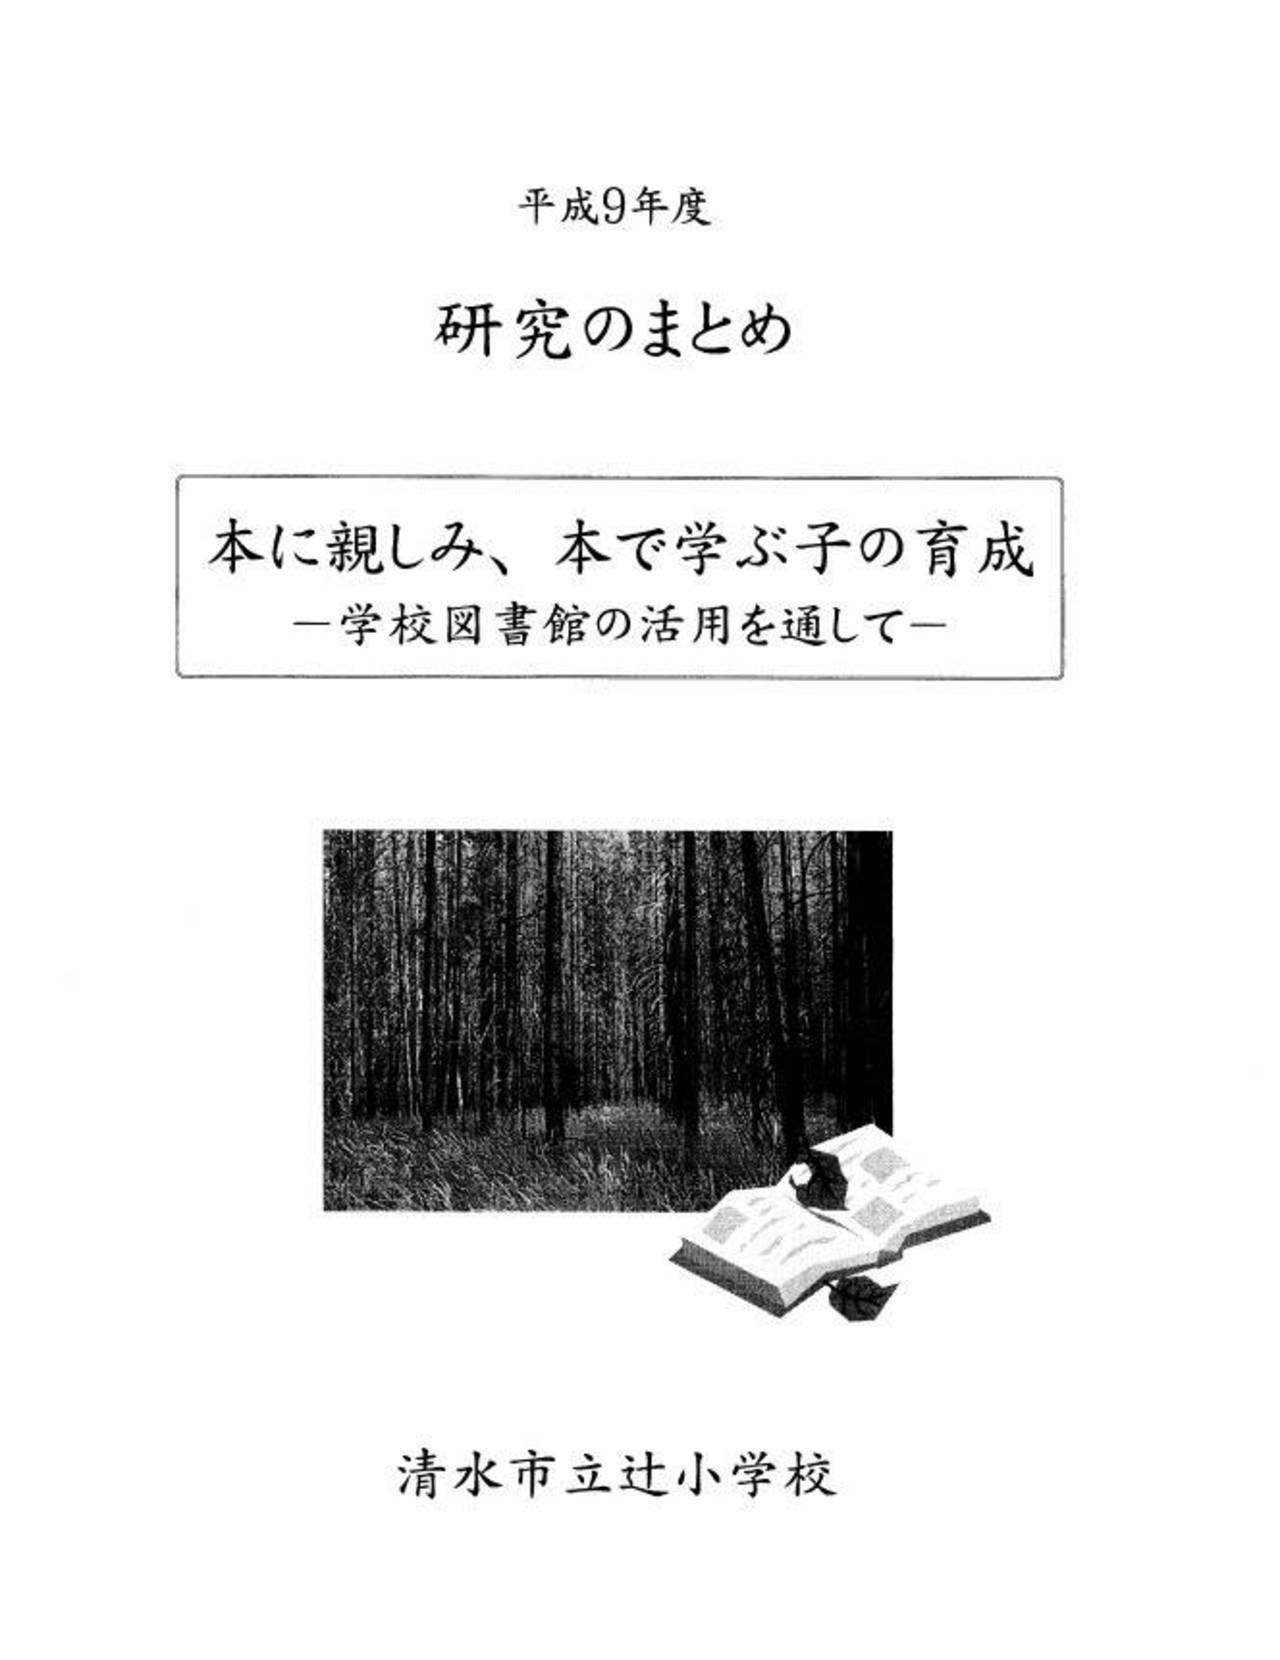 Contest Genre 公益財団法人 図書館振興財団